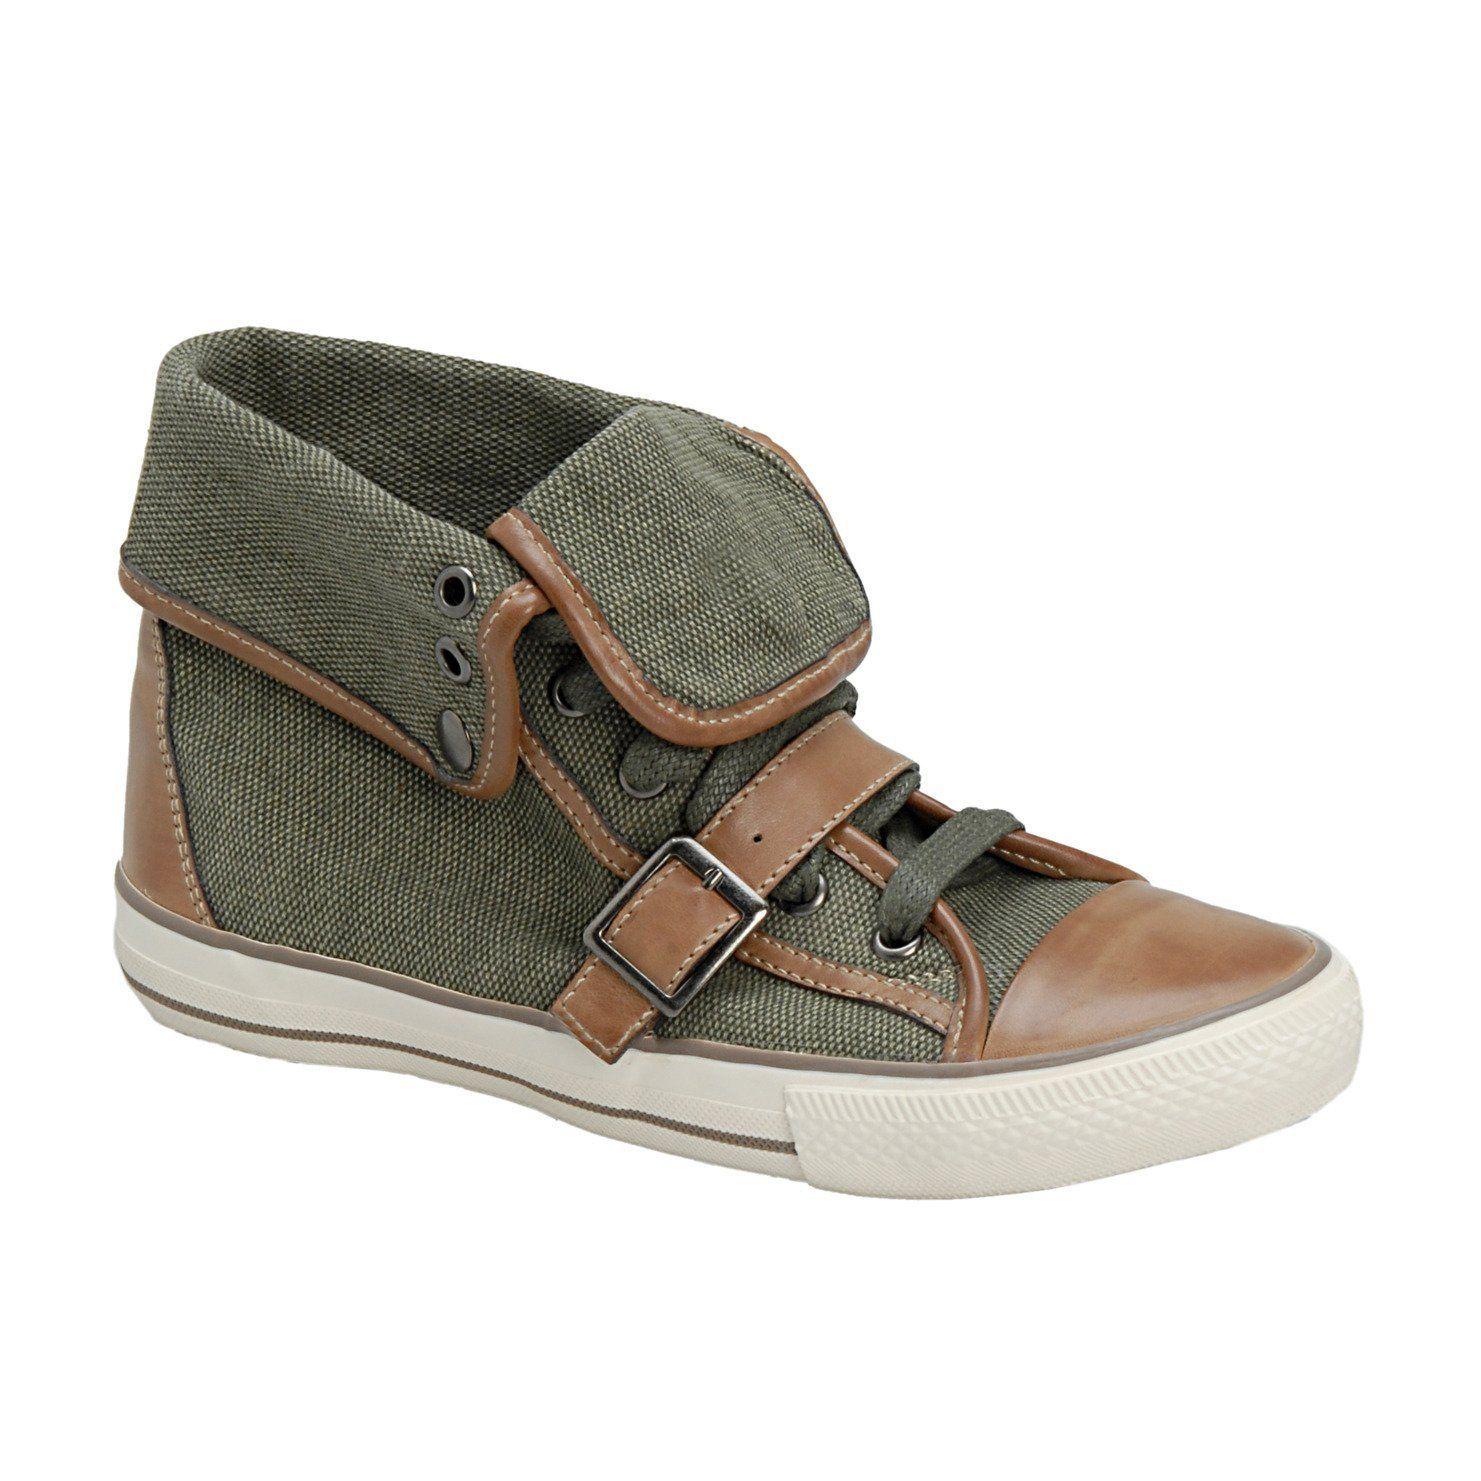 ALDO Camilli - Women Flat Shoes: Amazon.co.uk: Shoes & Accessories